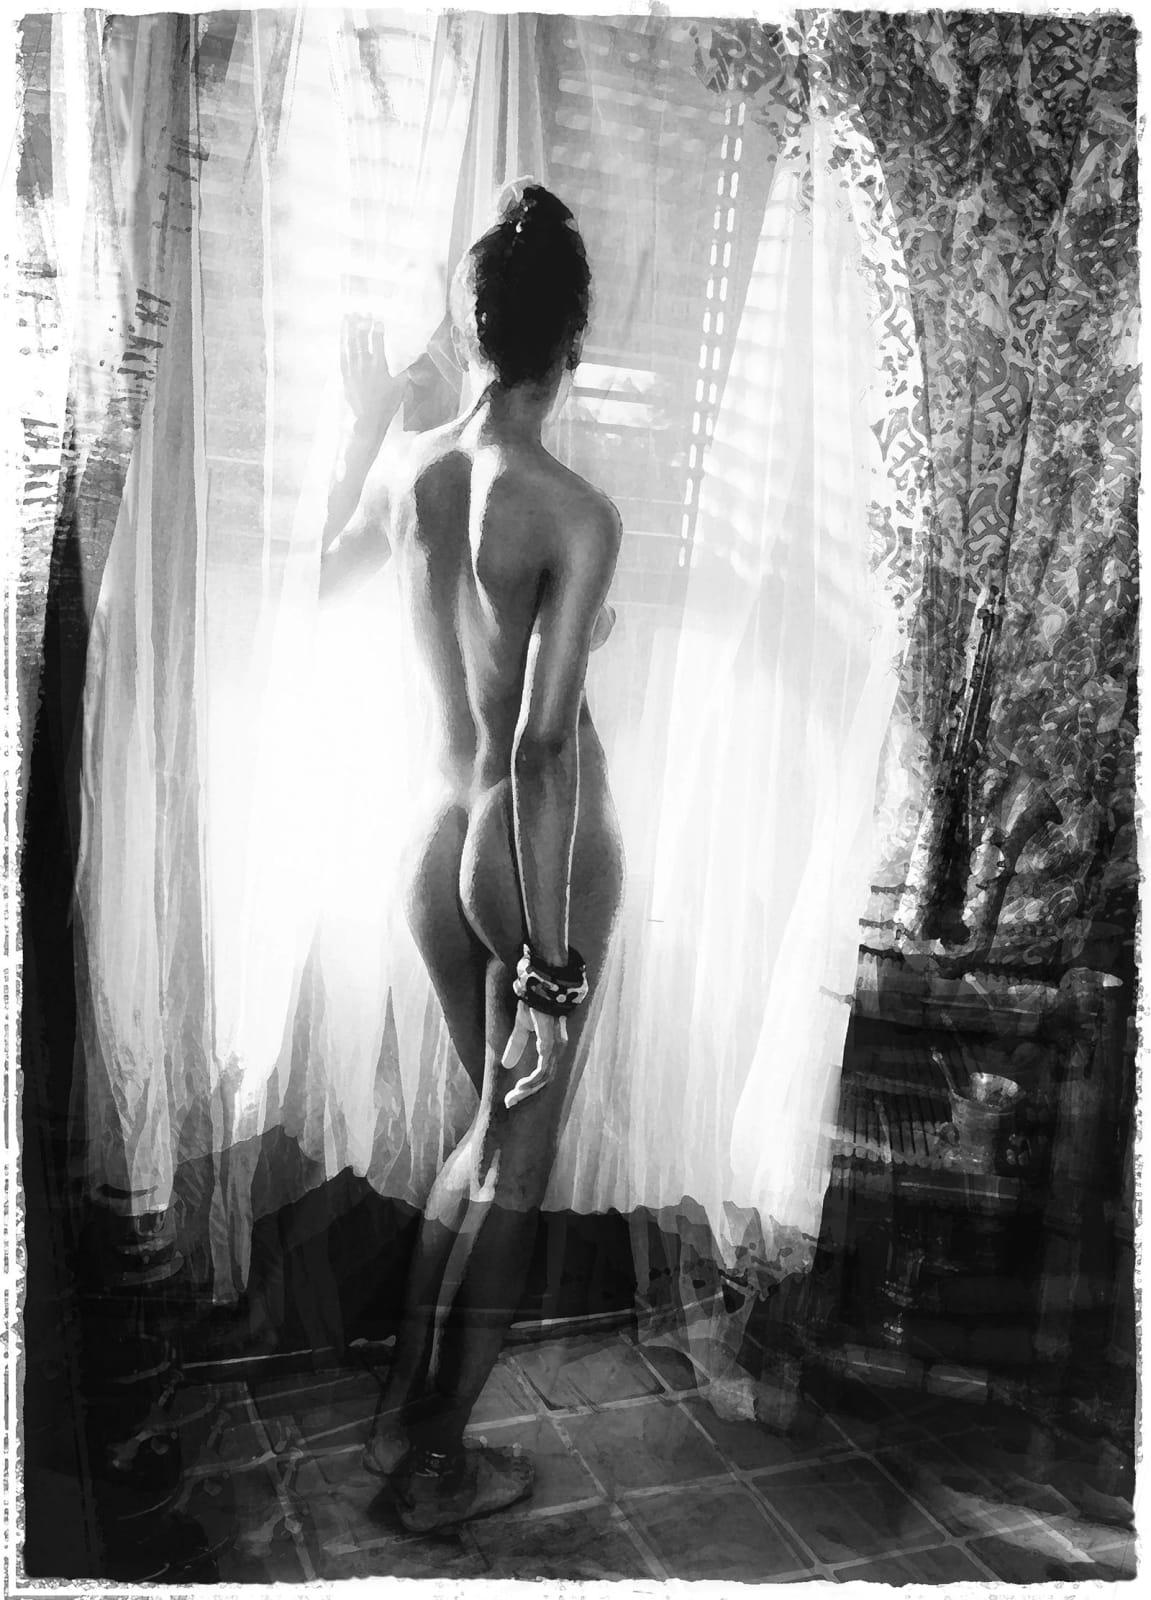 Alain Lacki, Nu à la fenêtre, 2003